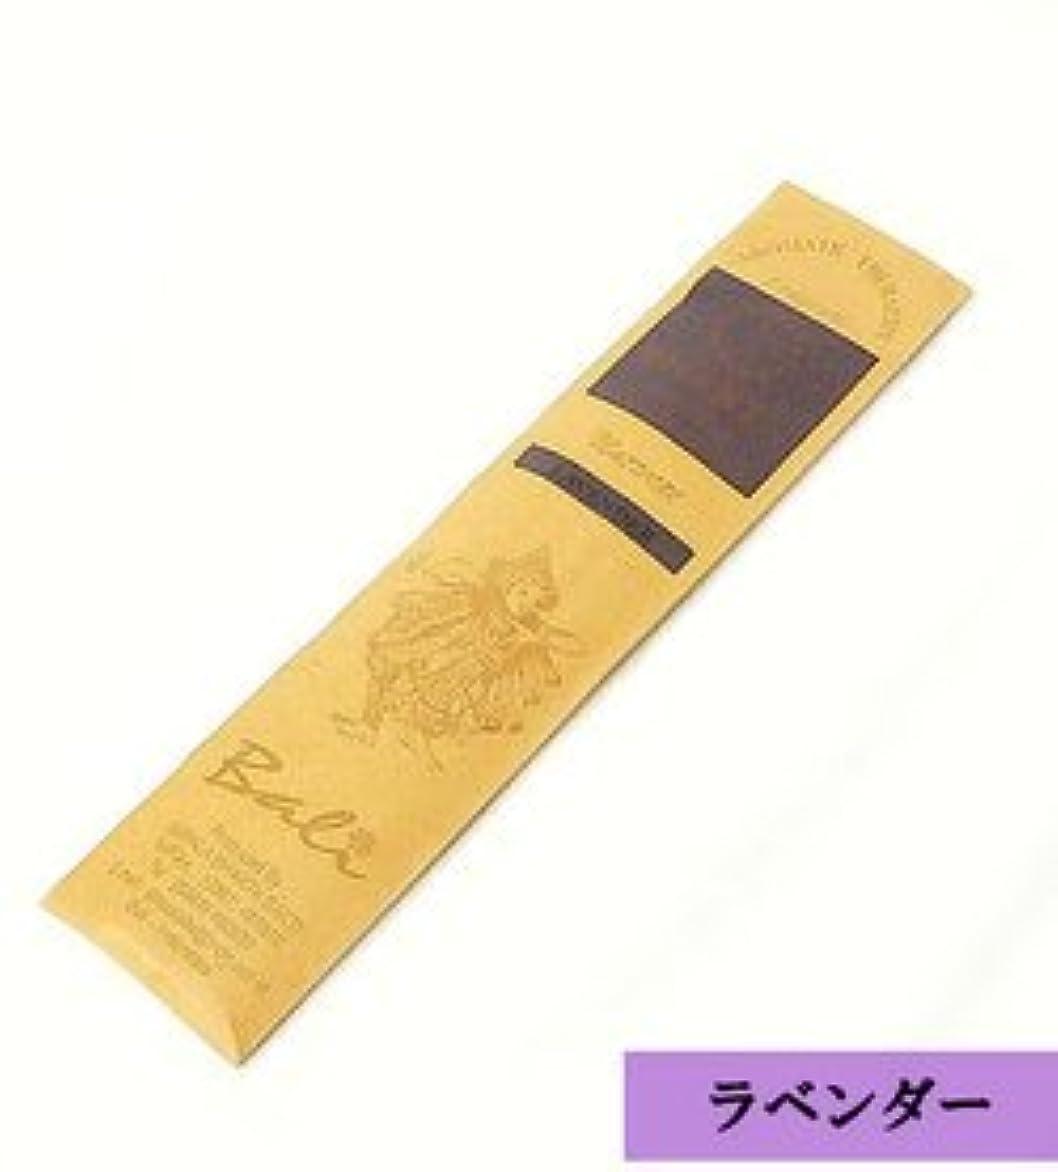 かすかなカテナ北西バリのお香 BHAKTA 【ラベンダー】 LAVENDER ロングスティック 20本入り アジアン雑貨